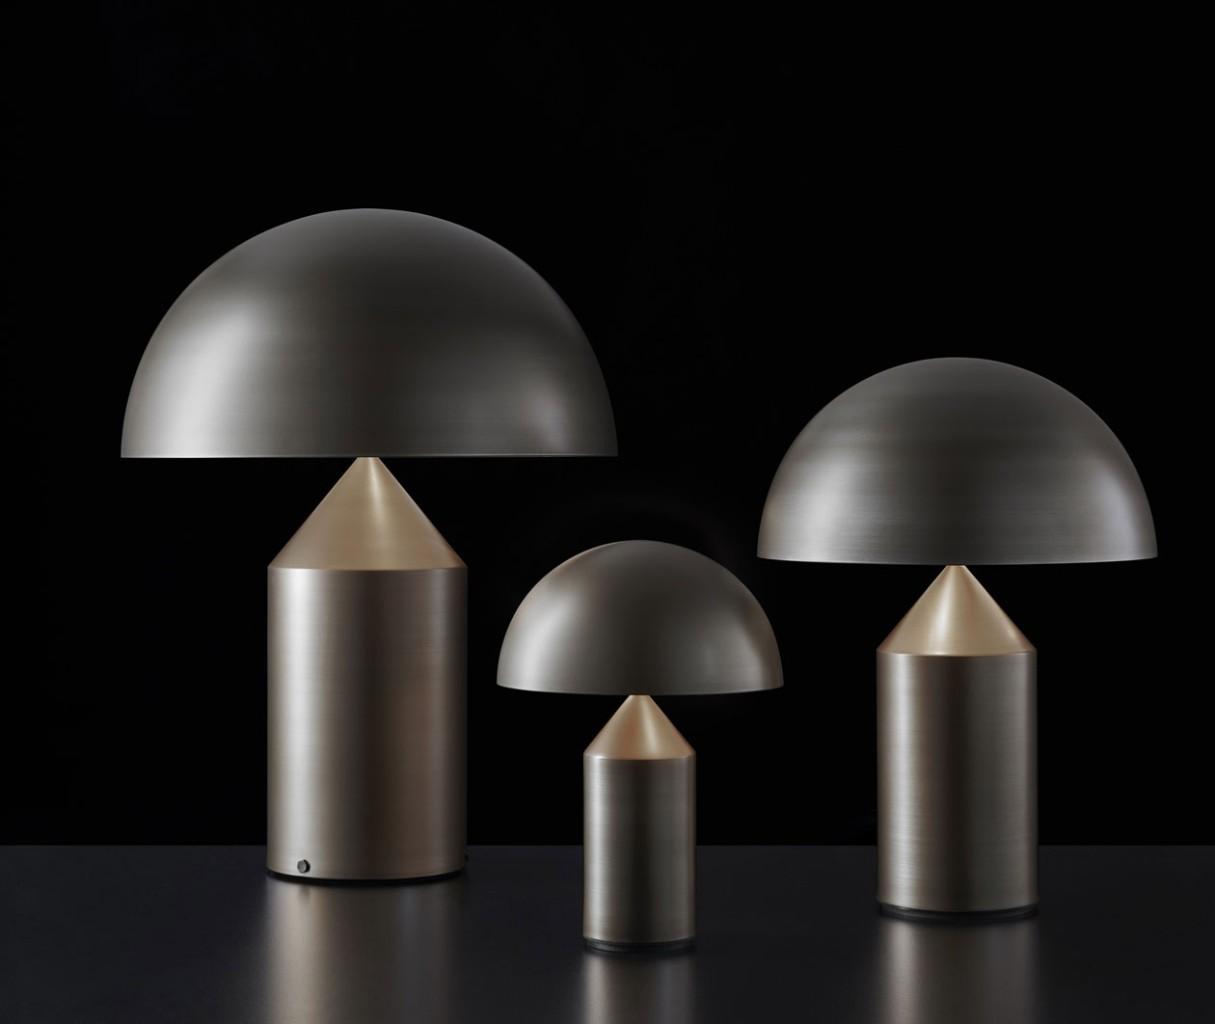 Atollo-Bronze-design-Vico-Magistretti-ph-Miro-Zagnoli-HD-low